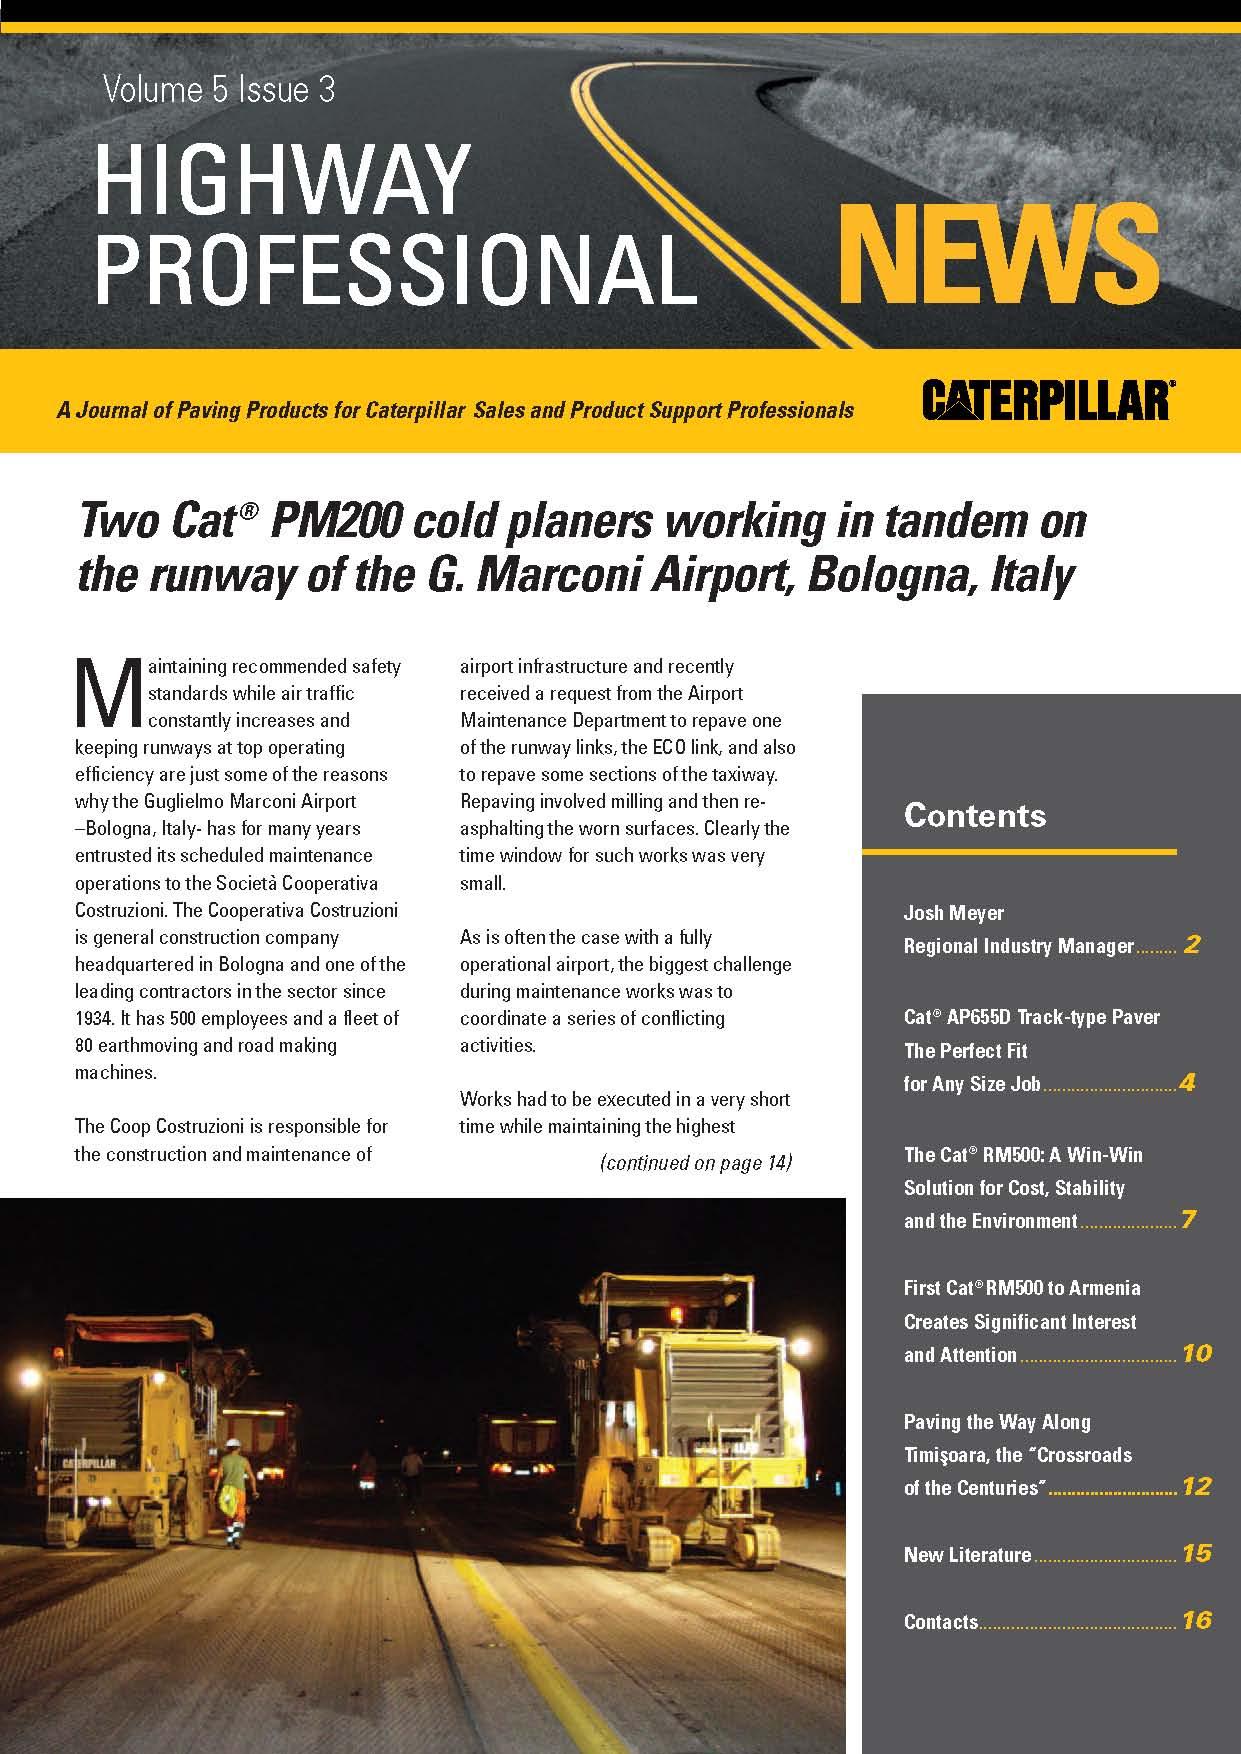 Ճանապարհ Ընկերությունը Highway Professional News ամսագրում